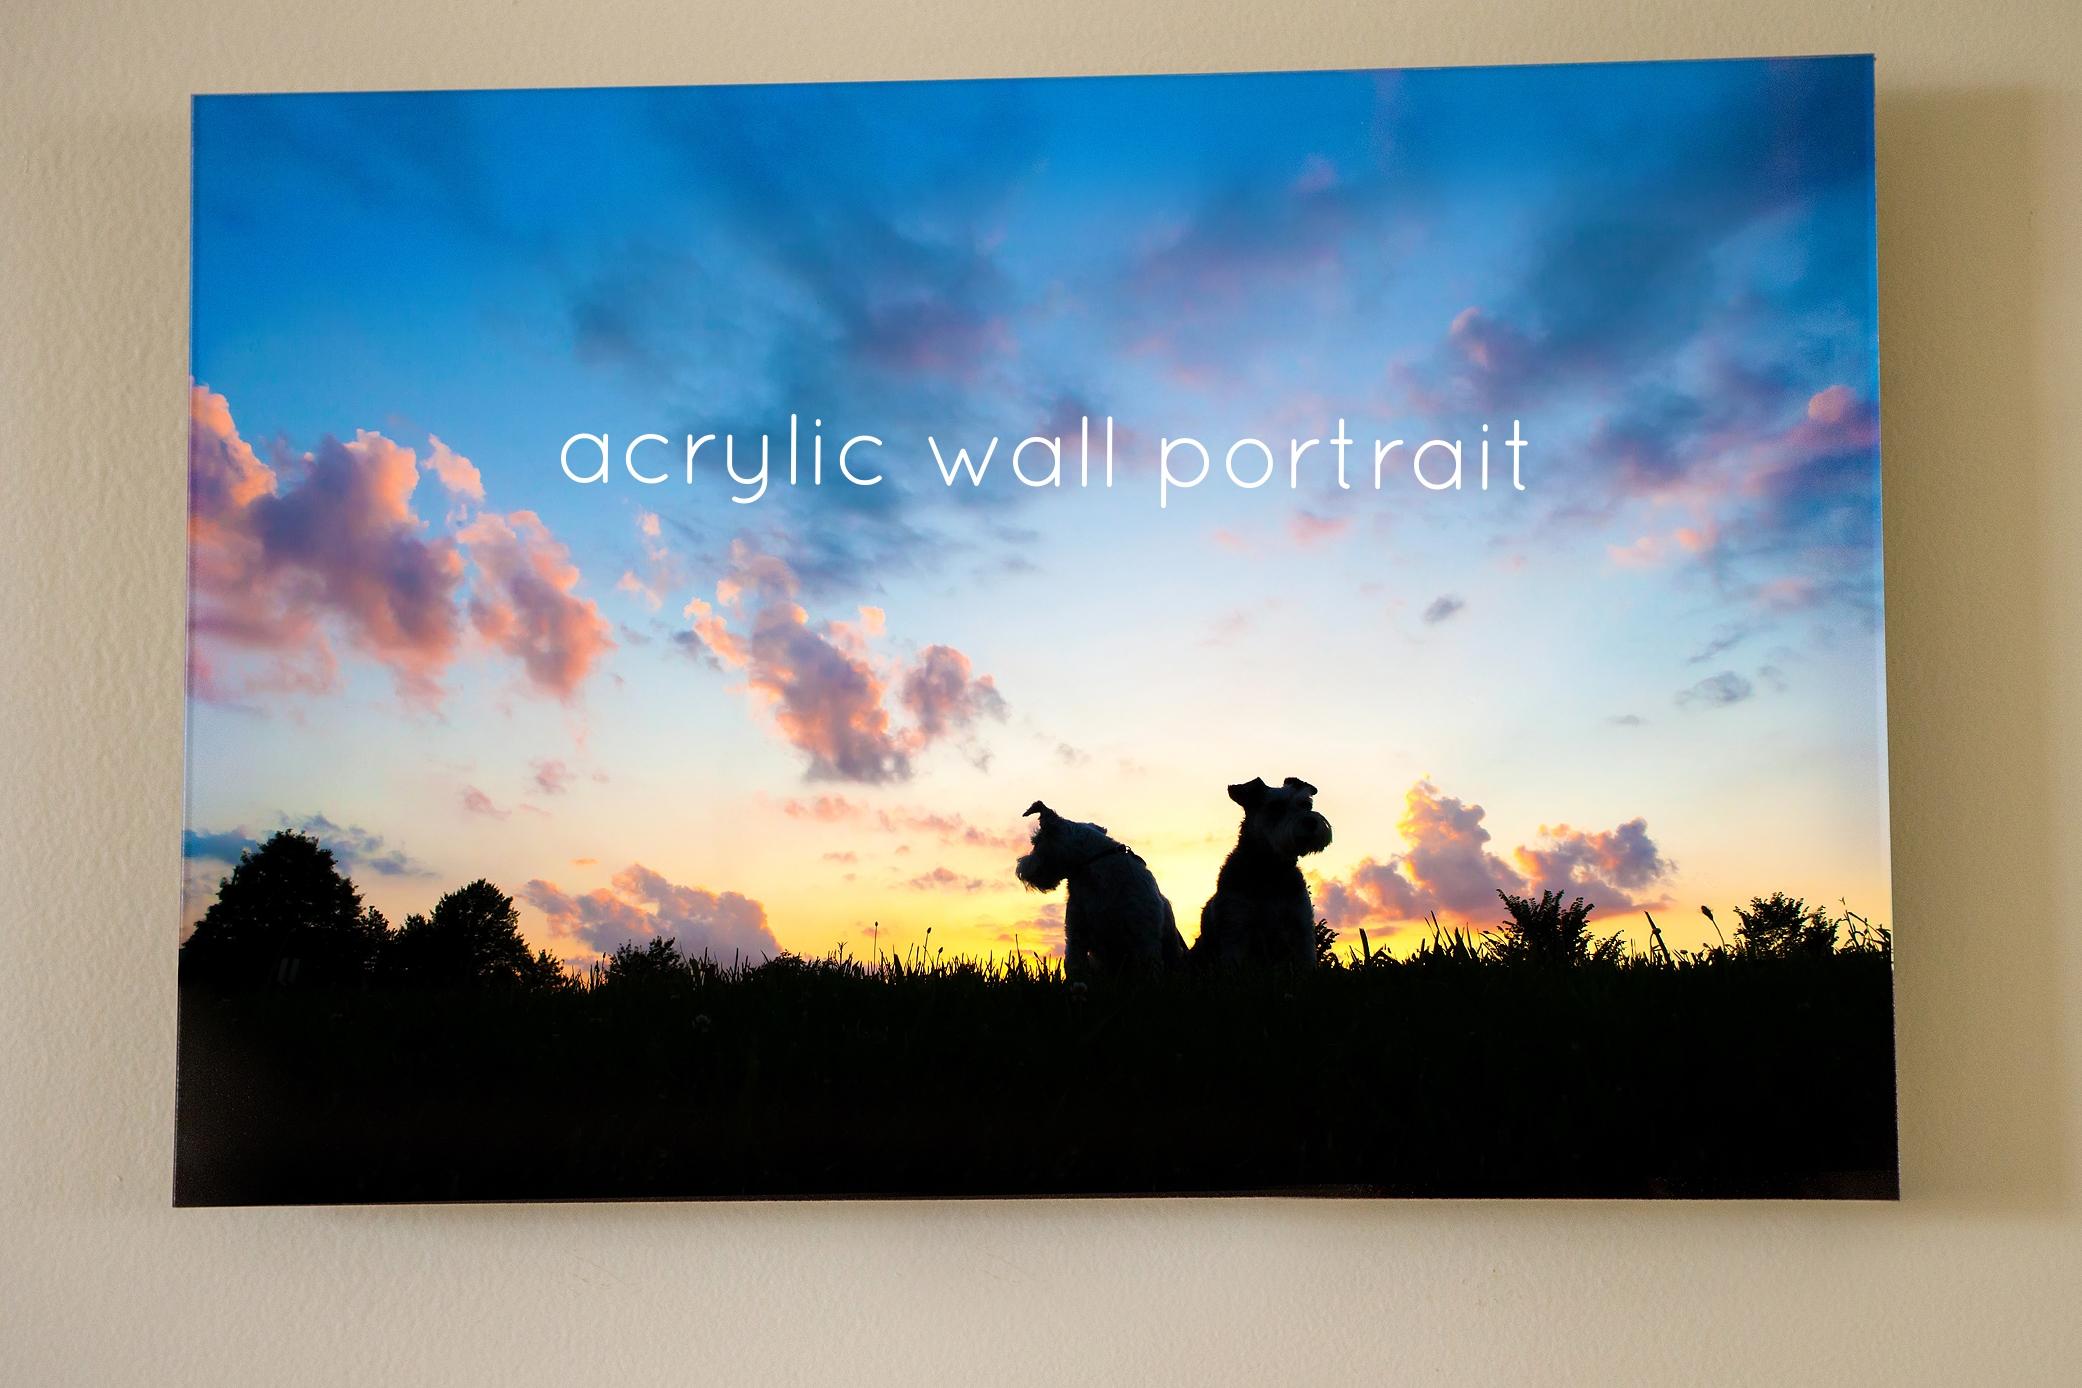 acrylic_wall_portrait.jpg